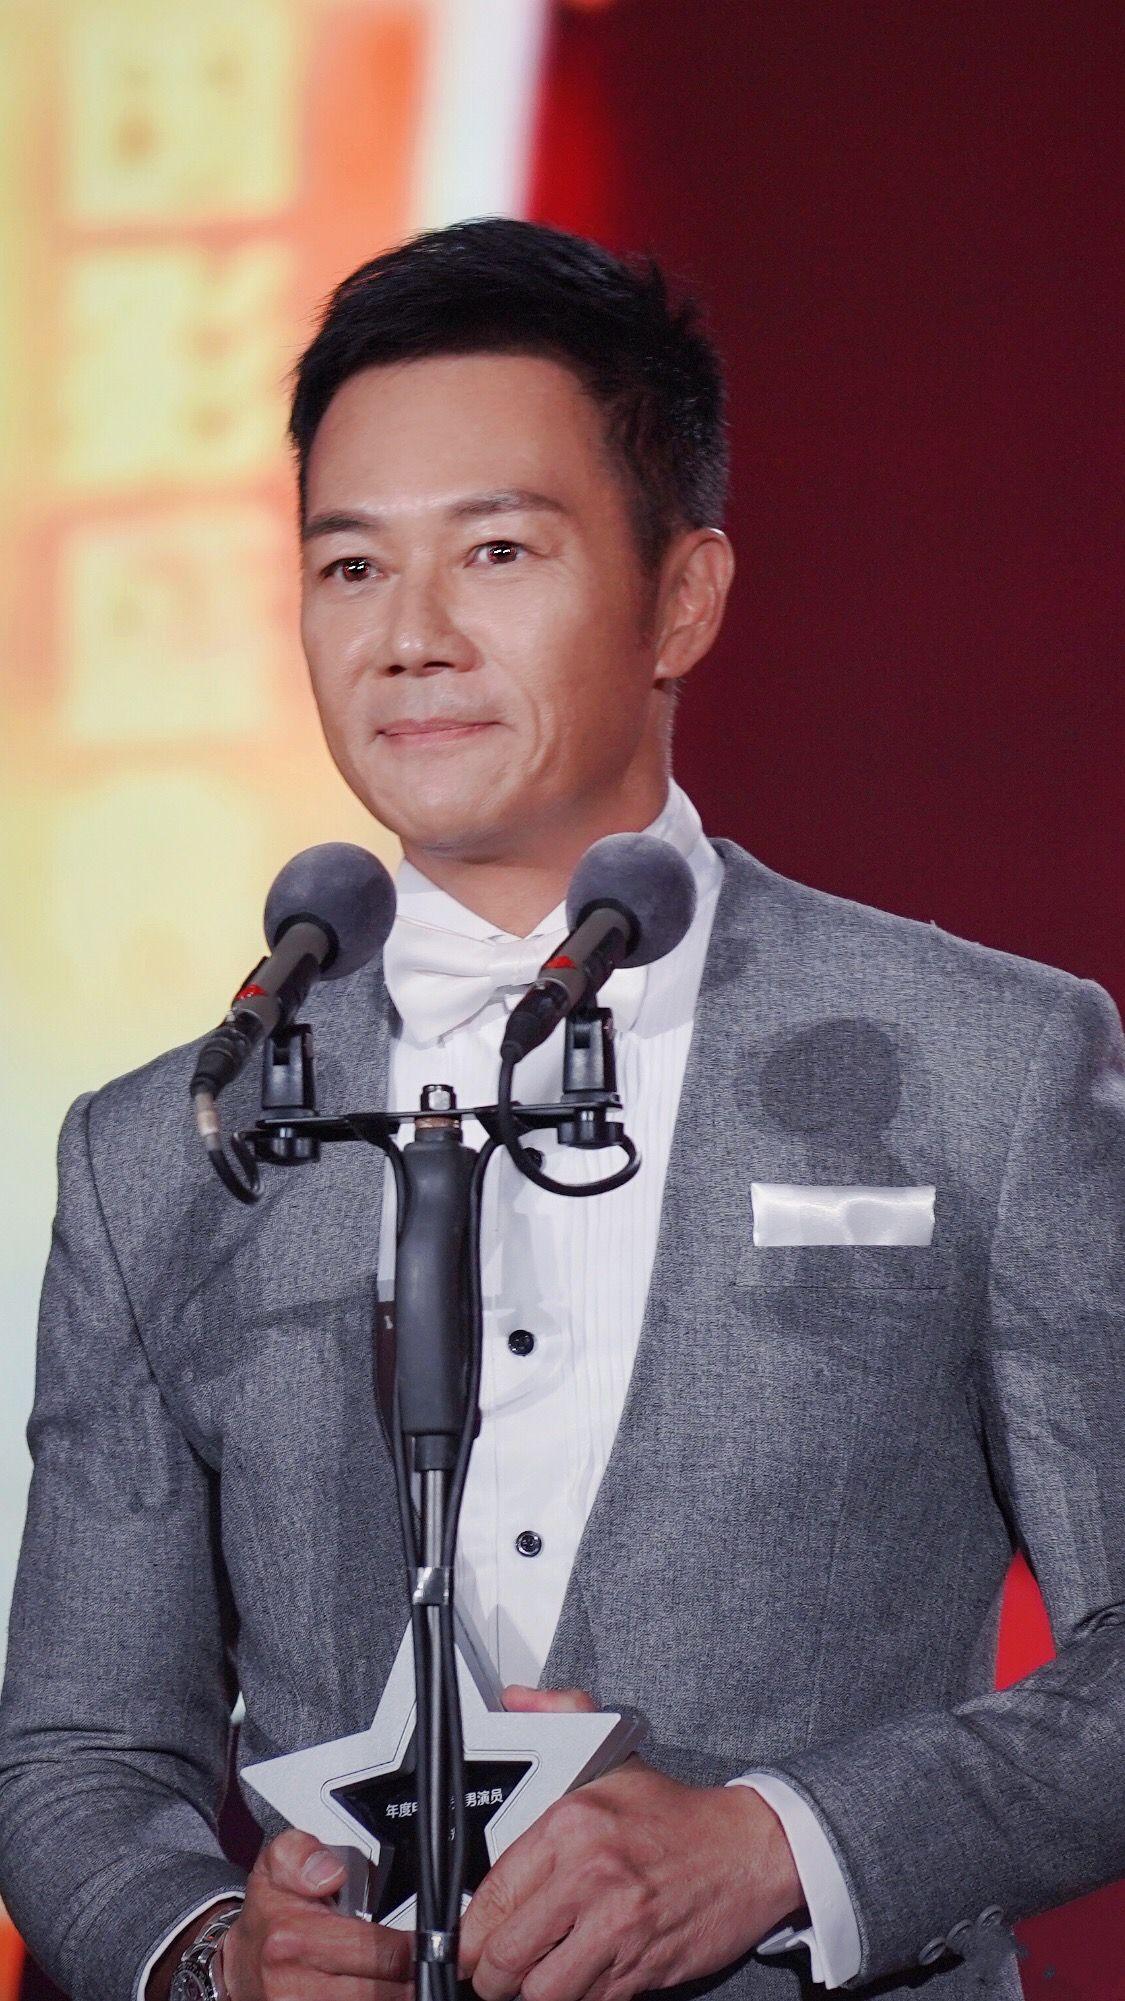 月前獲《2019國影年度表彰盛典》「最優秀電影男演員獎項」。